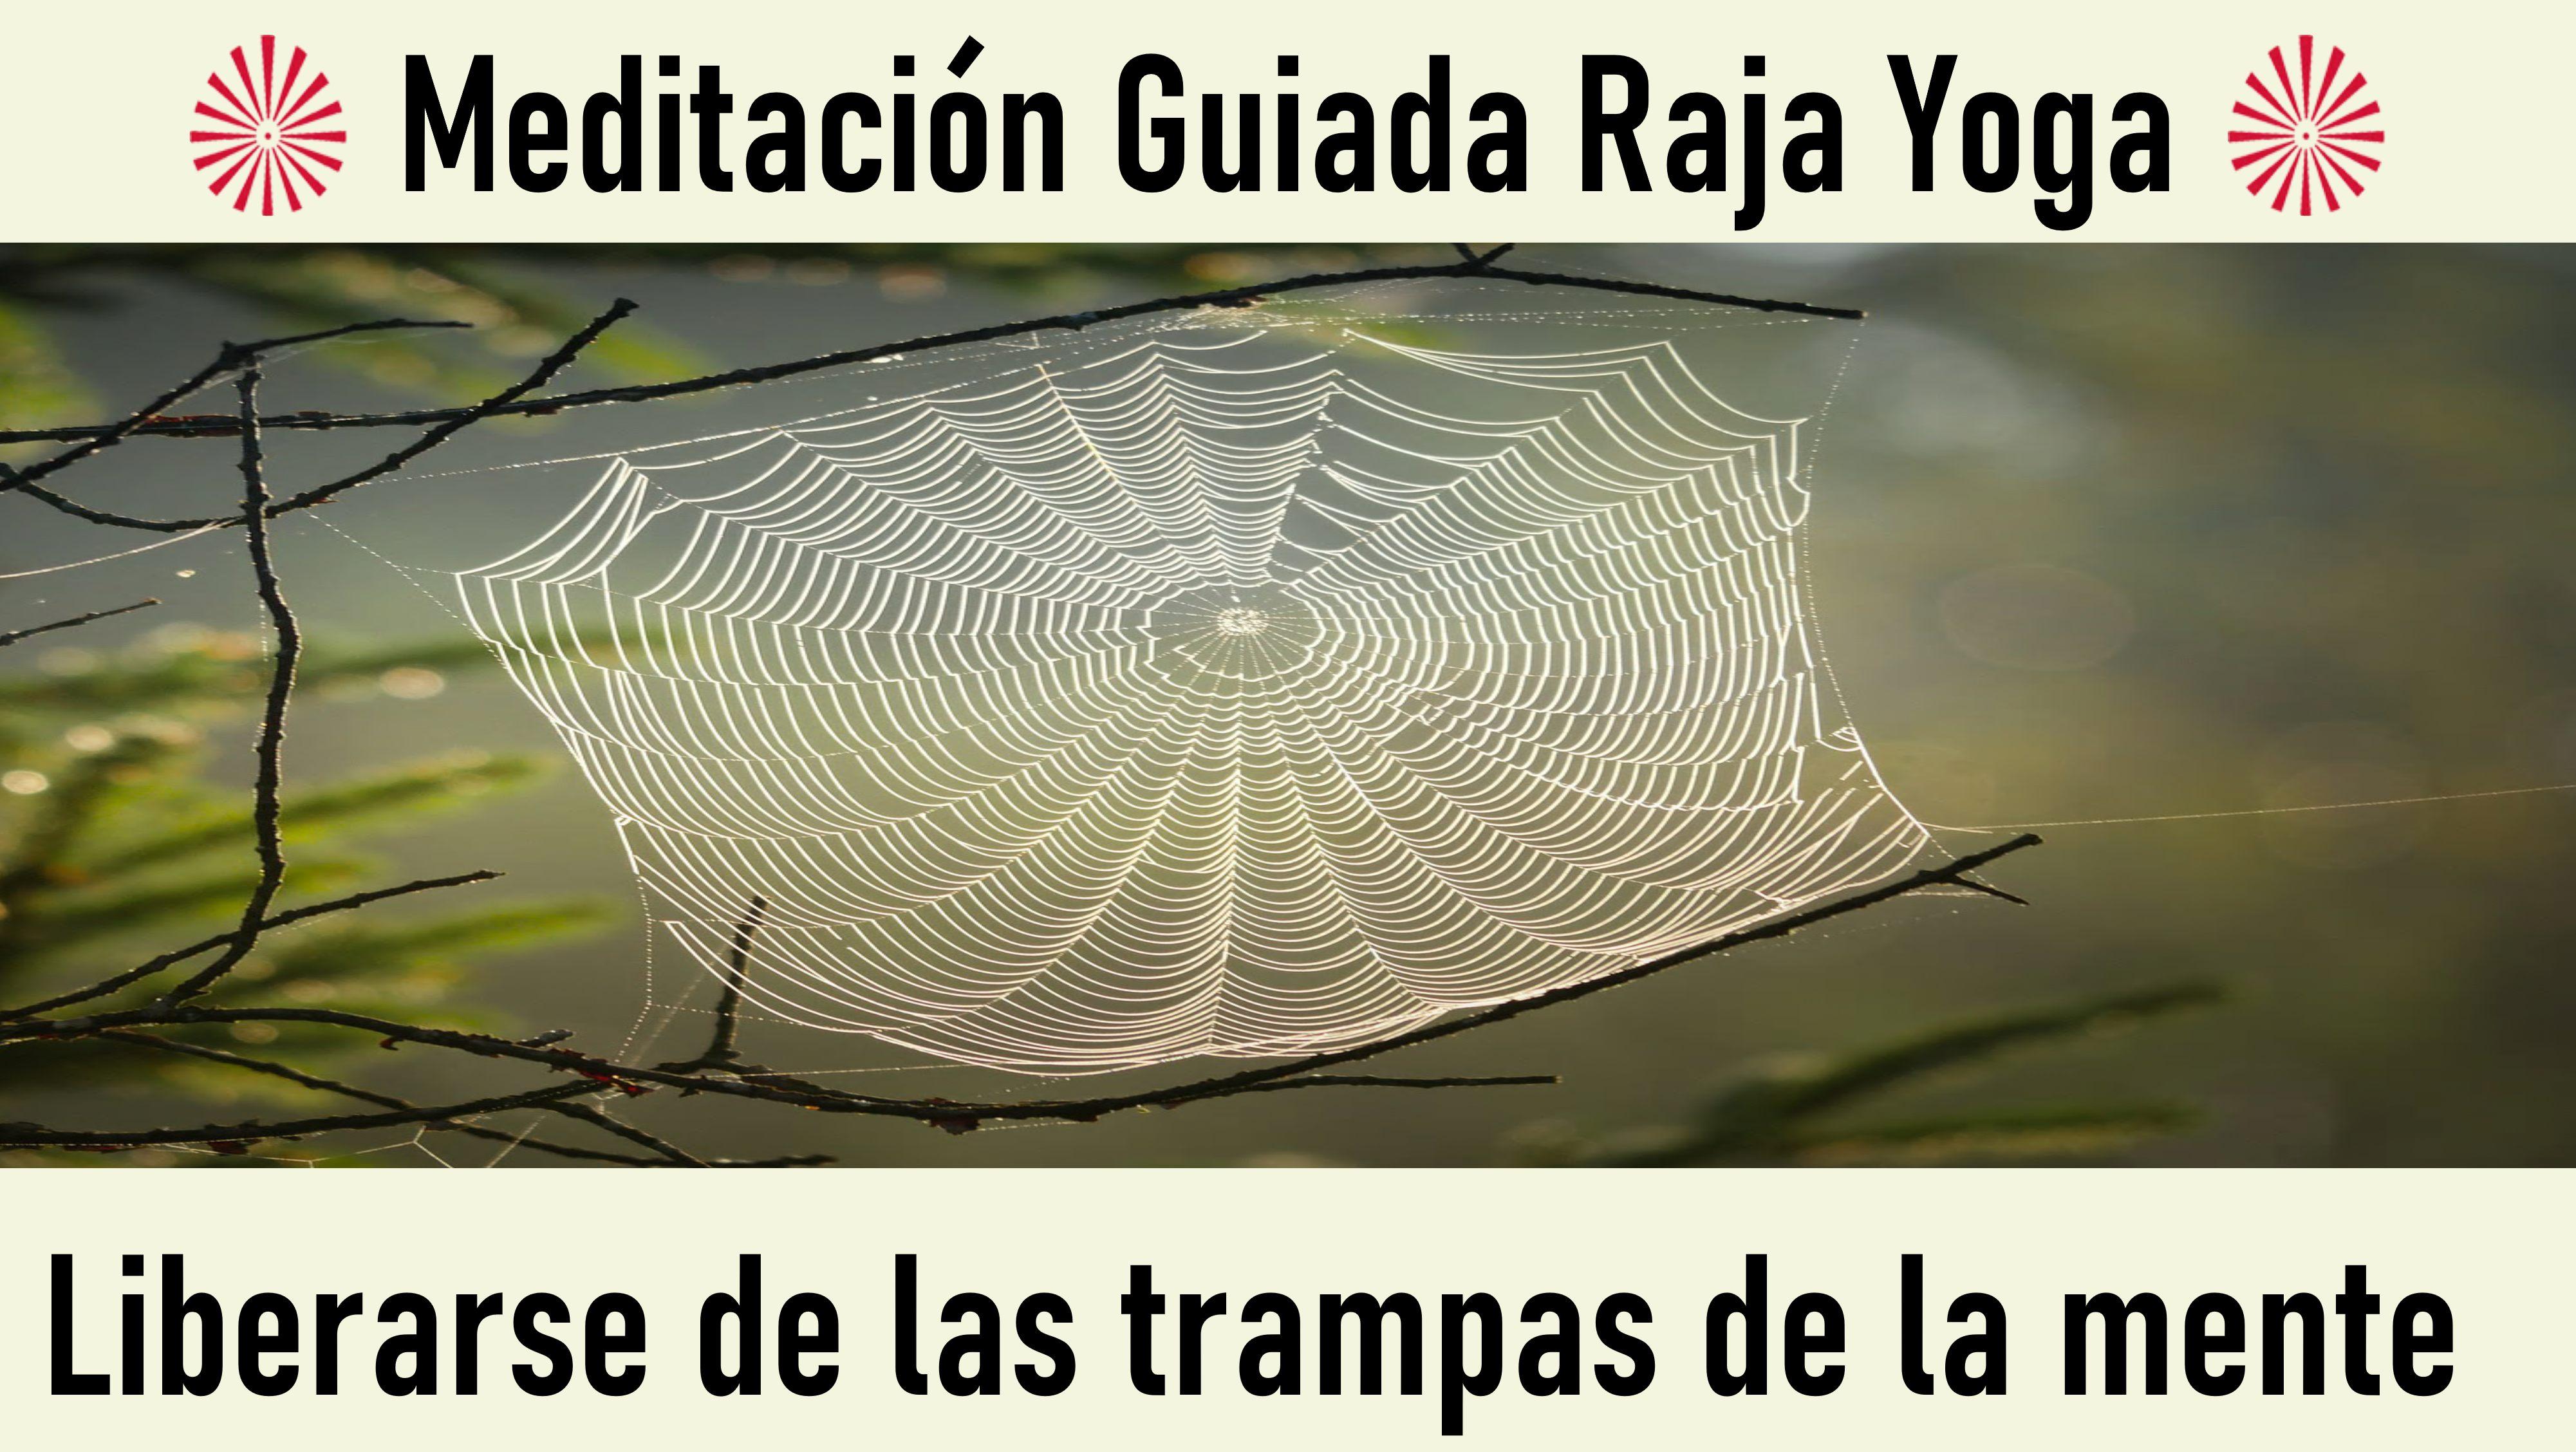 Charla y Meditación.Meditación Raja Yoga: Liberarse de las trampas de la mente (12 Mayo 2020)  On-line desde Madrid